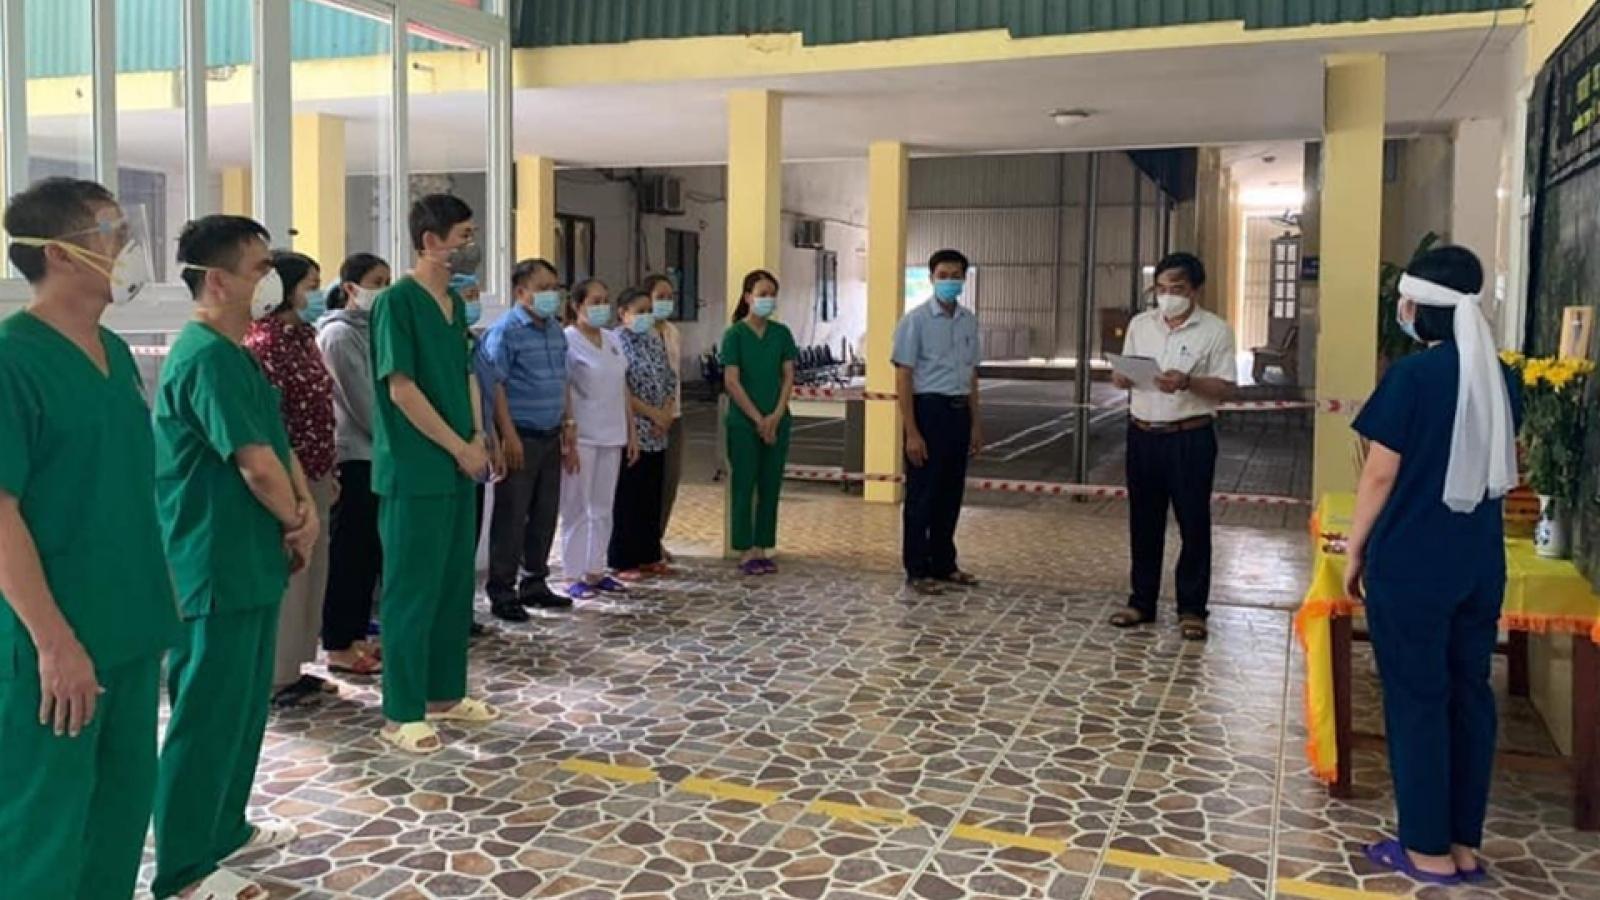 Nữ nhân viên y tế lập bàn thờ, chịu tang mẹ chồng ở bệnh viện dã chiến